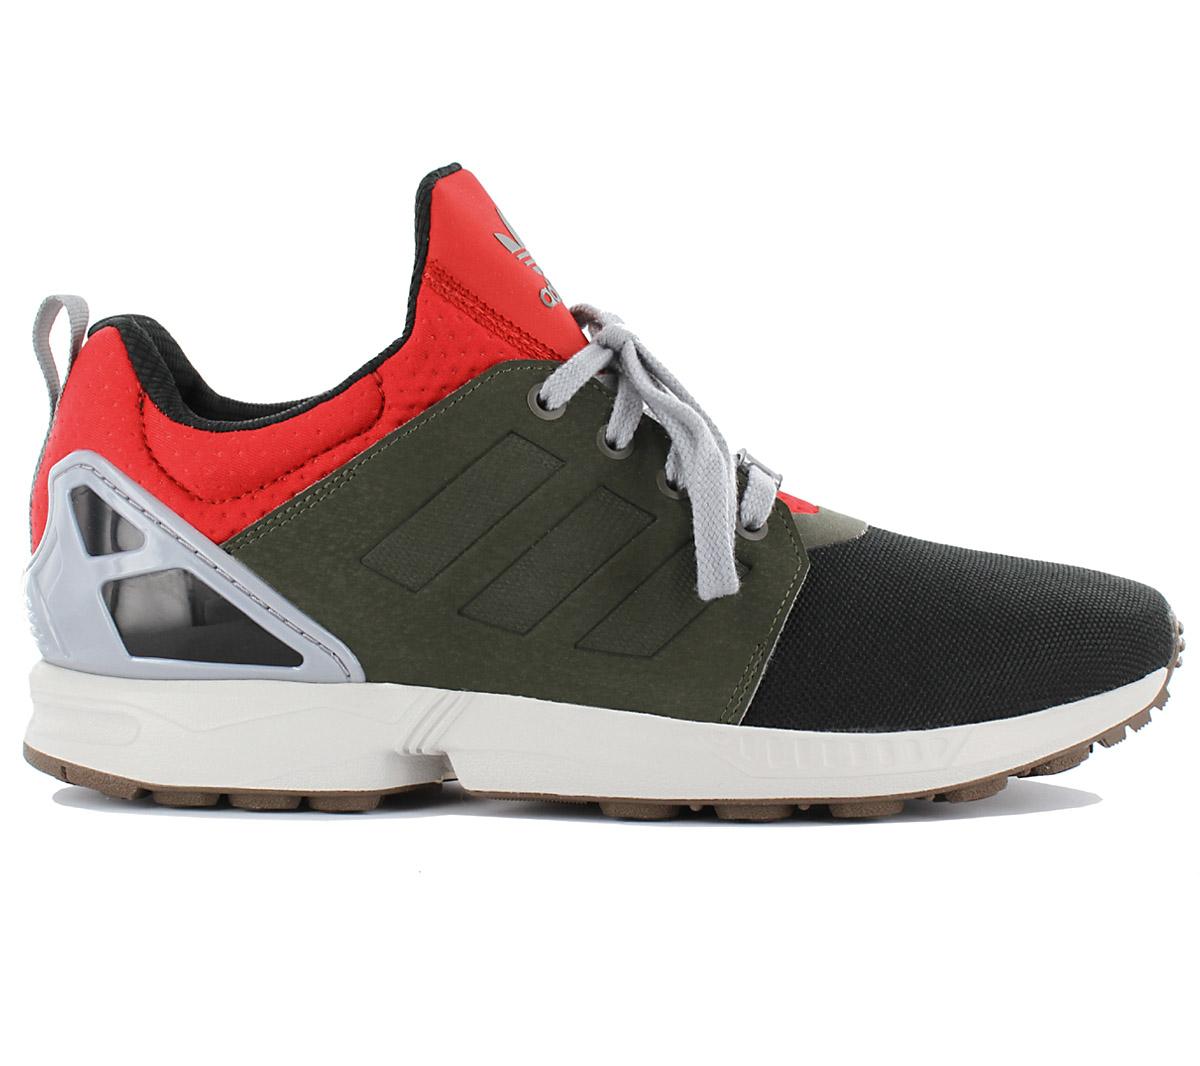 adidas zx flusso dei updt scarpe scarpe da uomo nero formatori occasionali